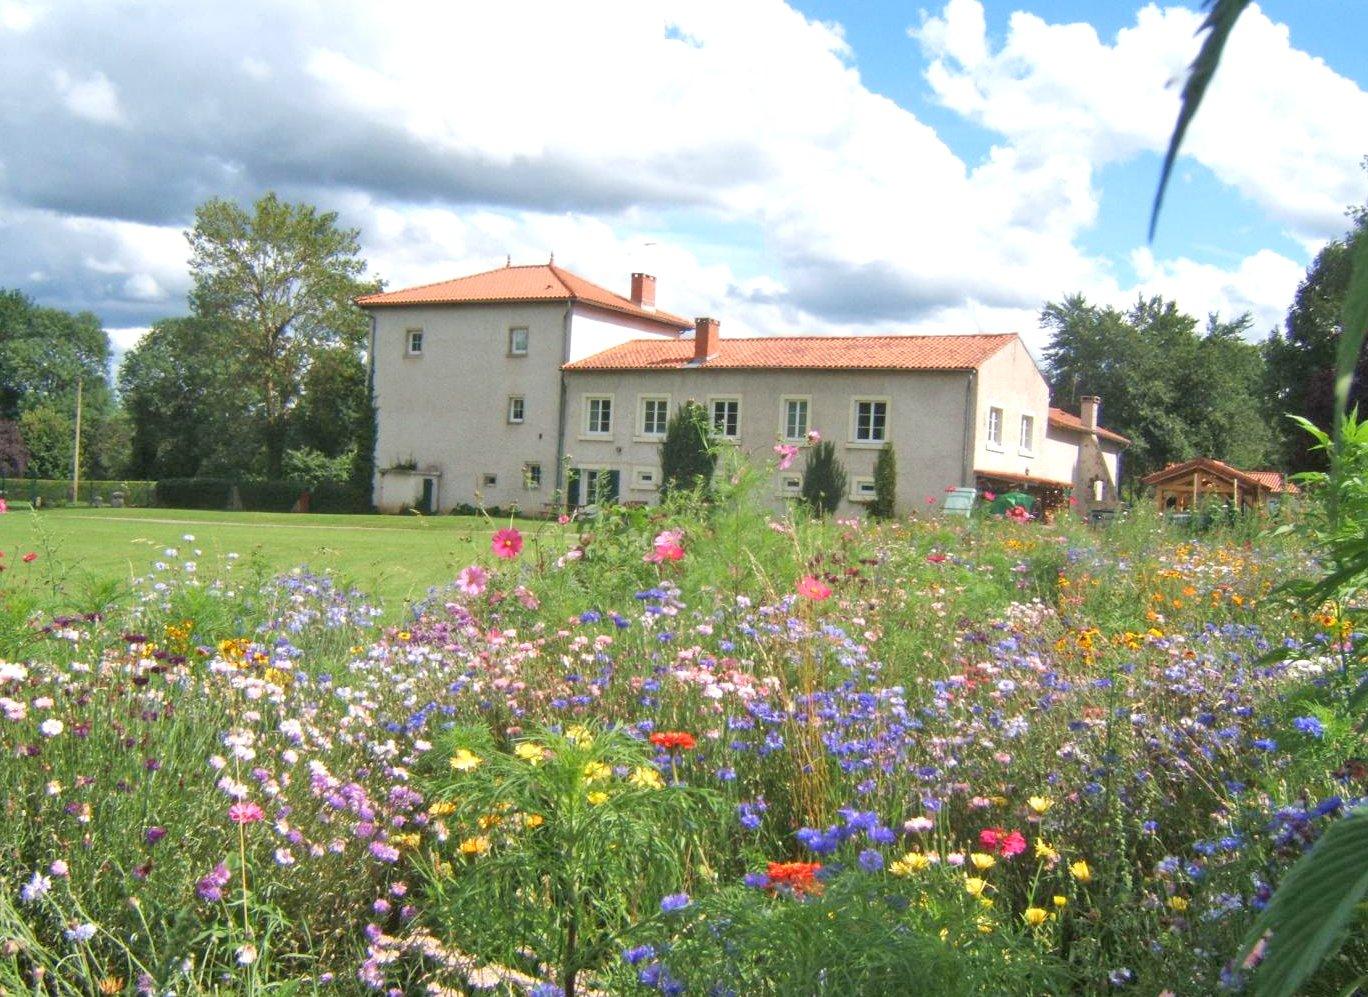 Vacances rurales en haute loire tourismegite - Location auvergne piscine ...